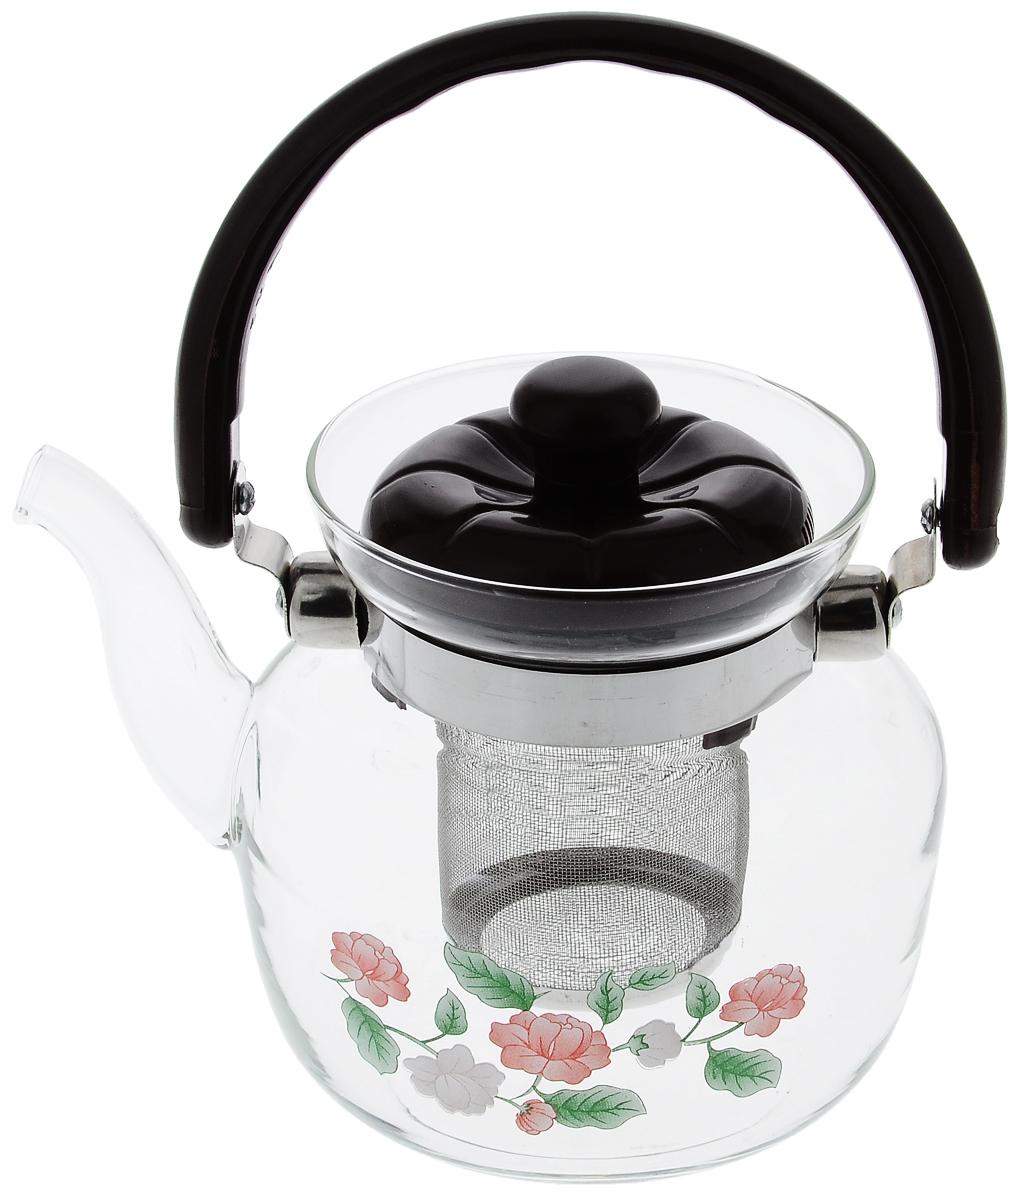 Чайник заварочный Mayer & Boch, с фильтром, 800 мл2588Заварочный чайник Mayer & Boch, выполненный из термостойкого стекла, предоставит вам все необходимые возможности для успешного заваривания чая. Изделие оснащено пластиковой ручкой, крышкой и сетчатым фильтром из нержавеющей стали, который задерживает чаинки и предотвращает их попадание в чашку. Чай в таком чайнике дольше остается горячим, а полезные и ароматические вещества полностью сохраняются в напитке. Эстетичный и функциональный чайник будет оригинально смотреться в любом интерьере. Не рекомендуется мыть в посудомоечной машине. Диаметр чайника (по верхнему краю): 9,5 см. Высота чайника (без учета ручки и крышки): 12,3 см. Высота фильтра: 6,5 см.